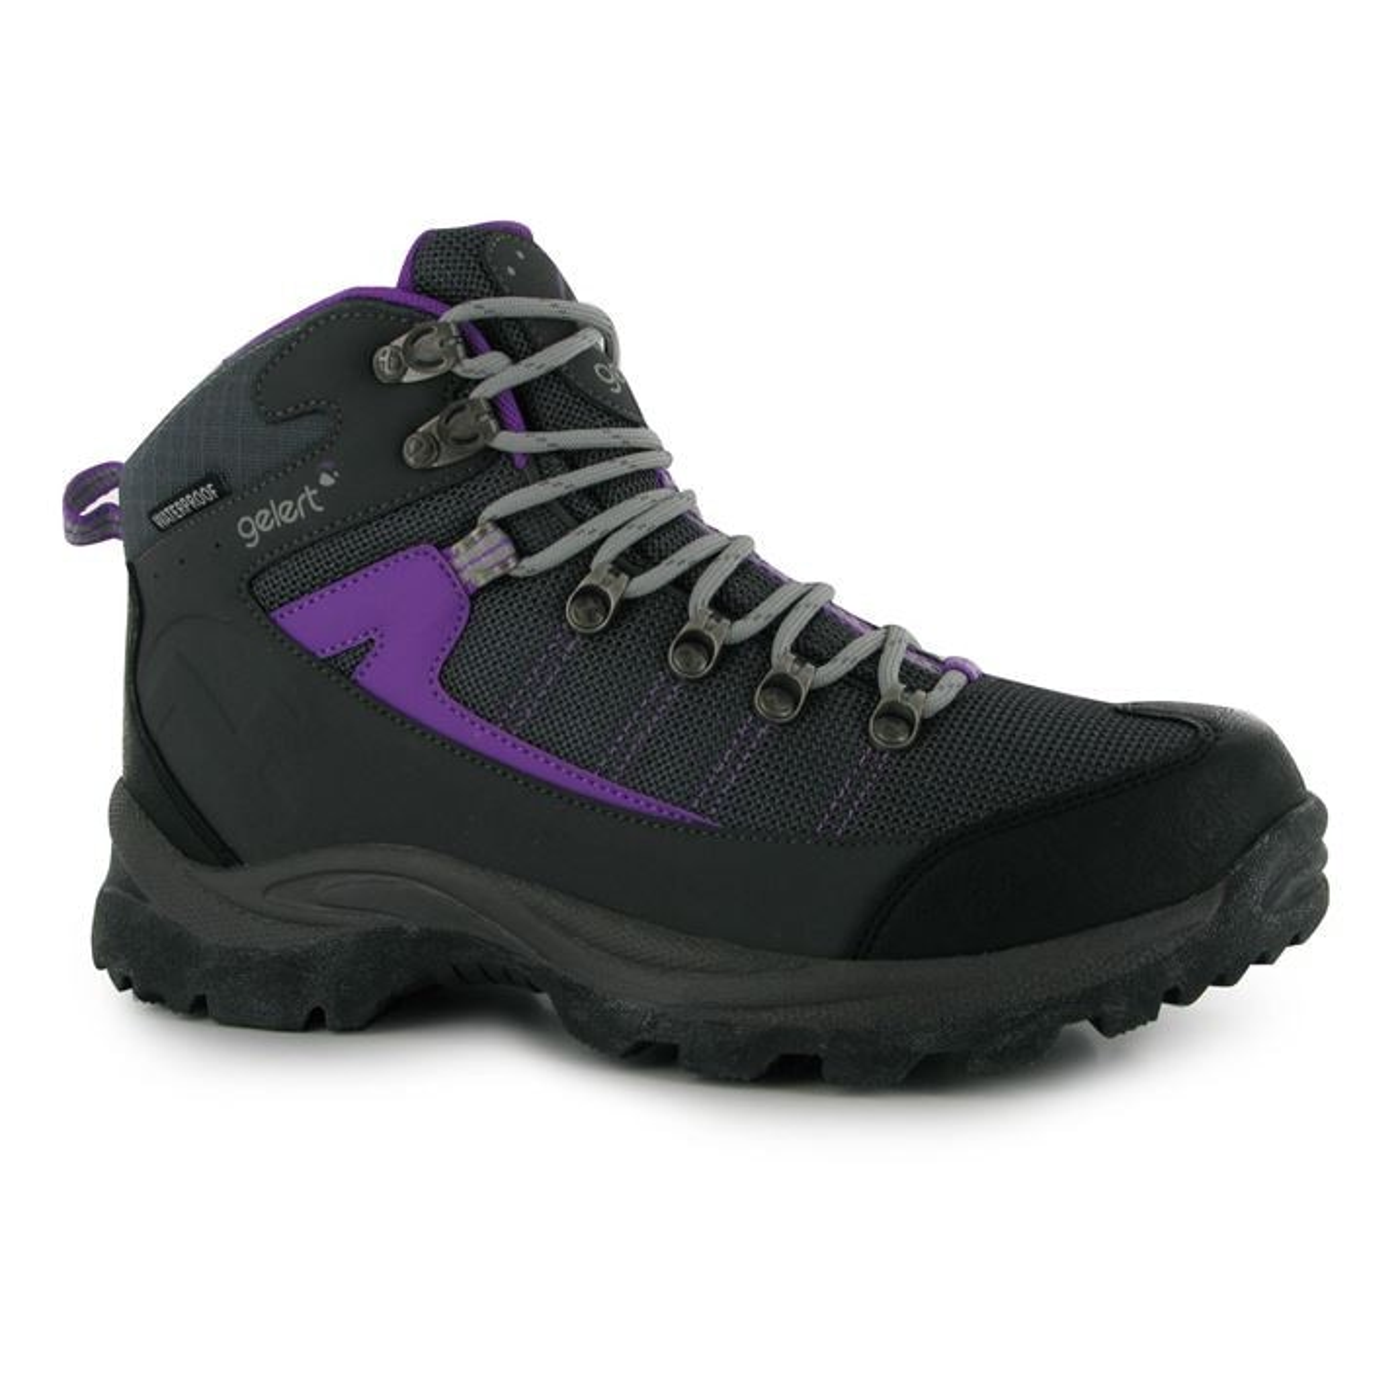 Gelert Altitude Waterproof Boots Ladies